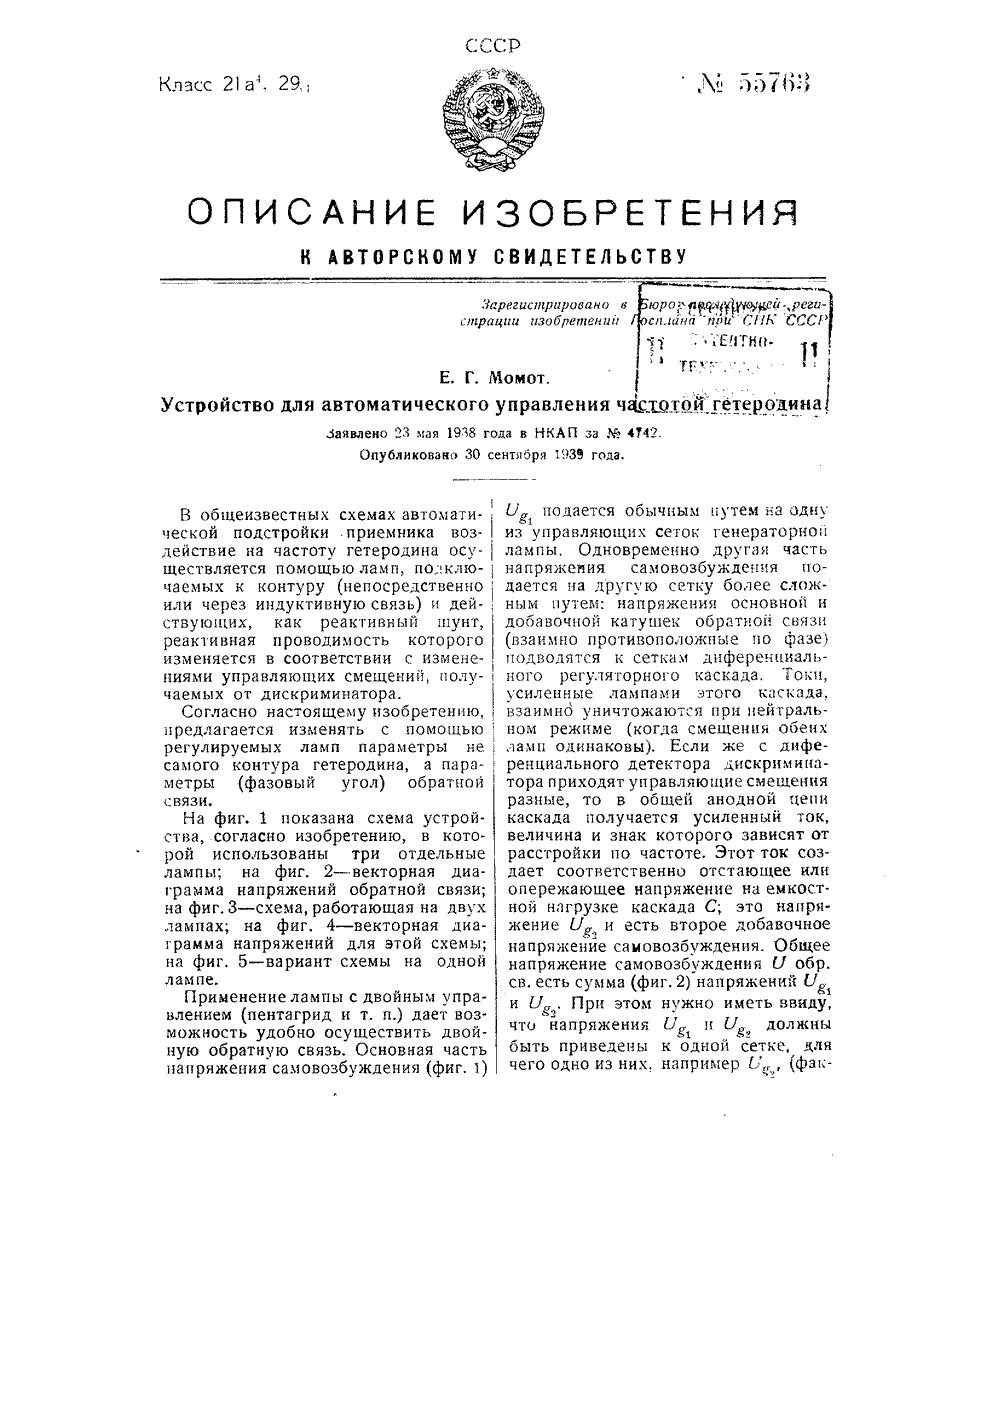 схема мультивибратора с частотой 1 герц